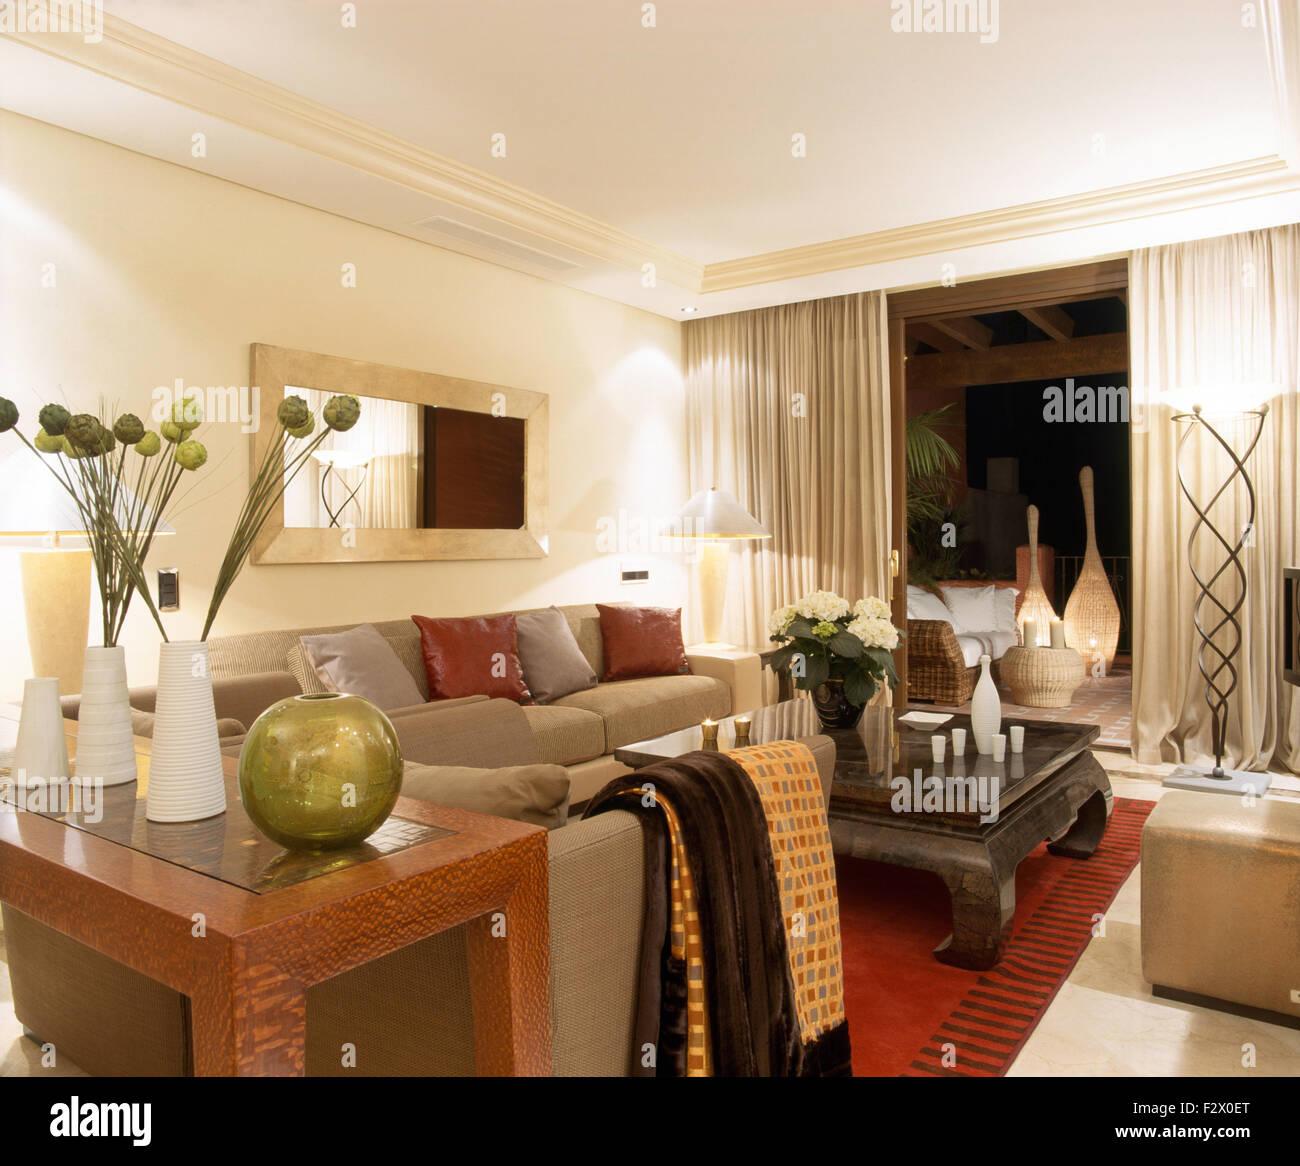 Lana modellato buttare sul divano in spagnolo moderno appartamento ...